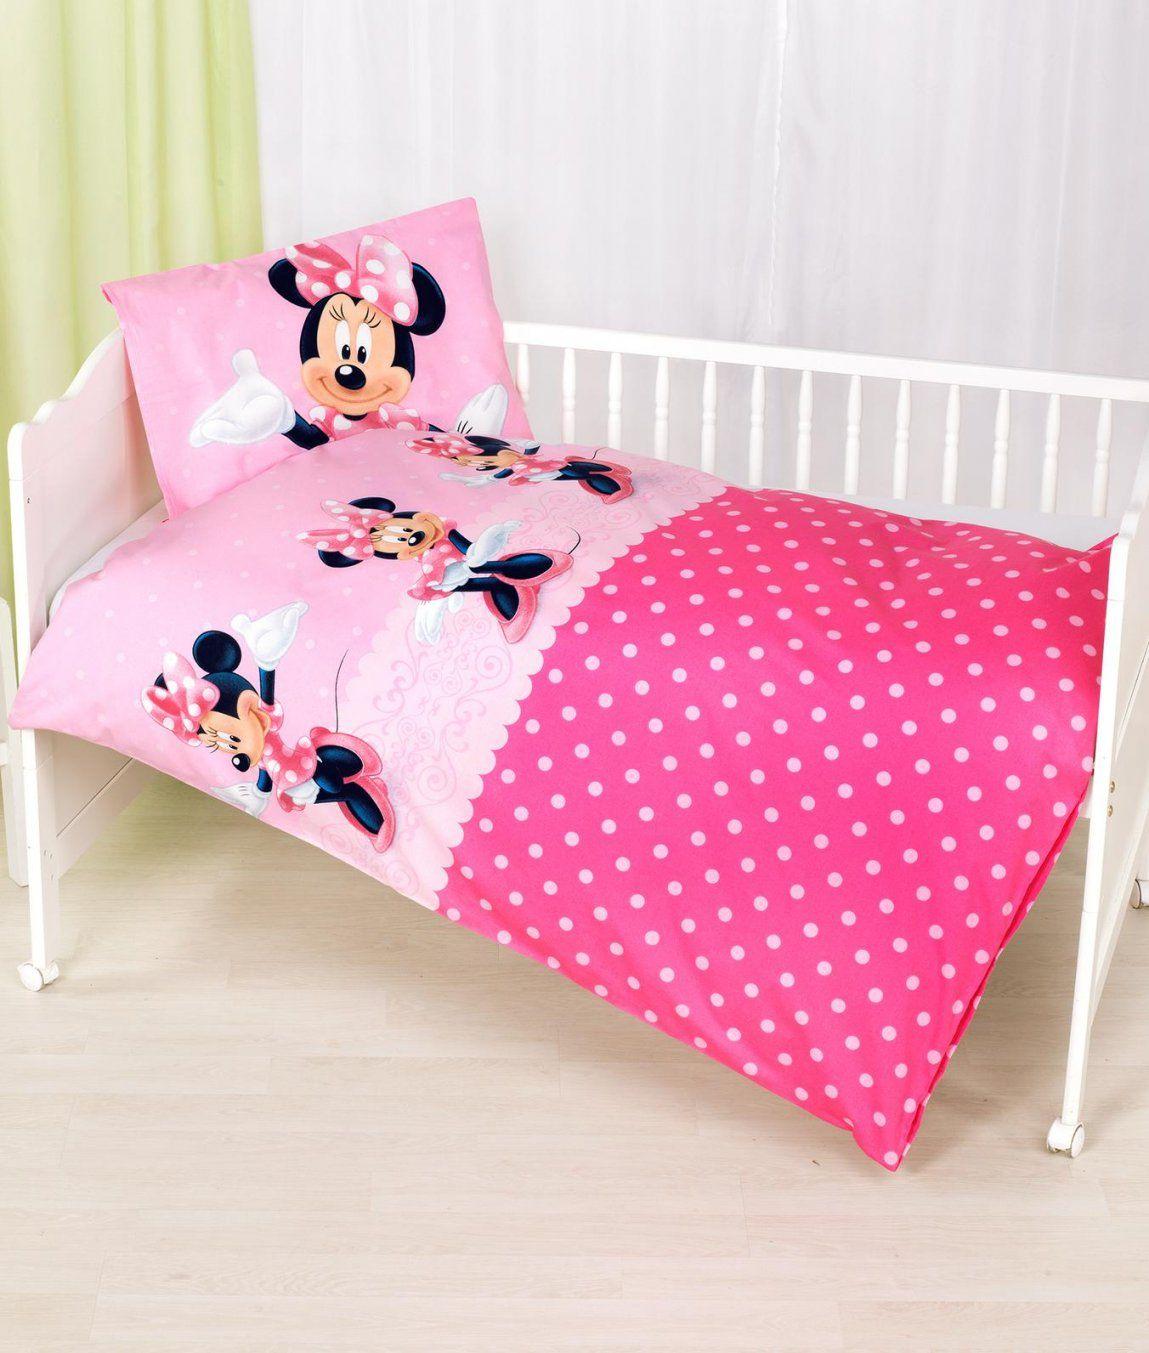 Babybettwäsche Garnitur Minnie Mouse Kaufen  Angela Bruderer von Bettwäsche Minni Maus Bild